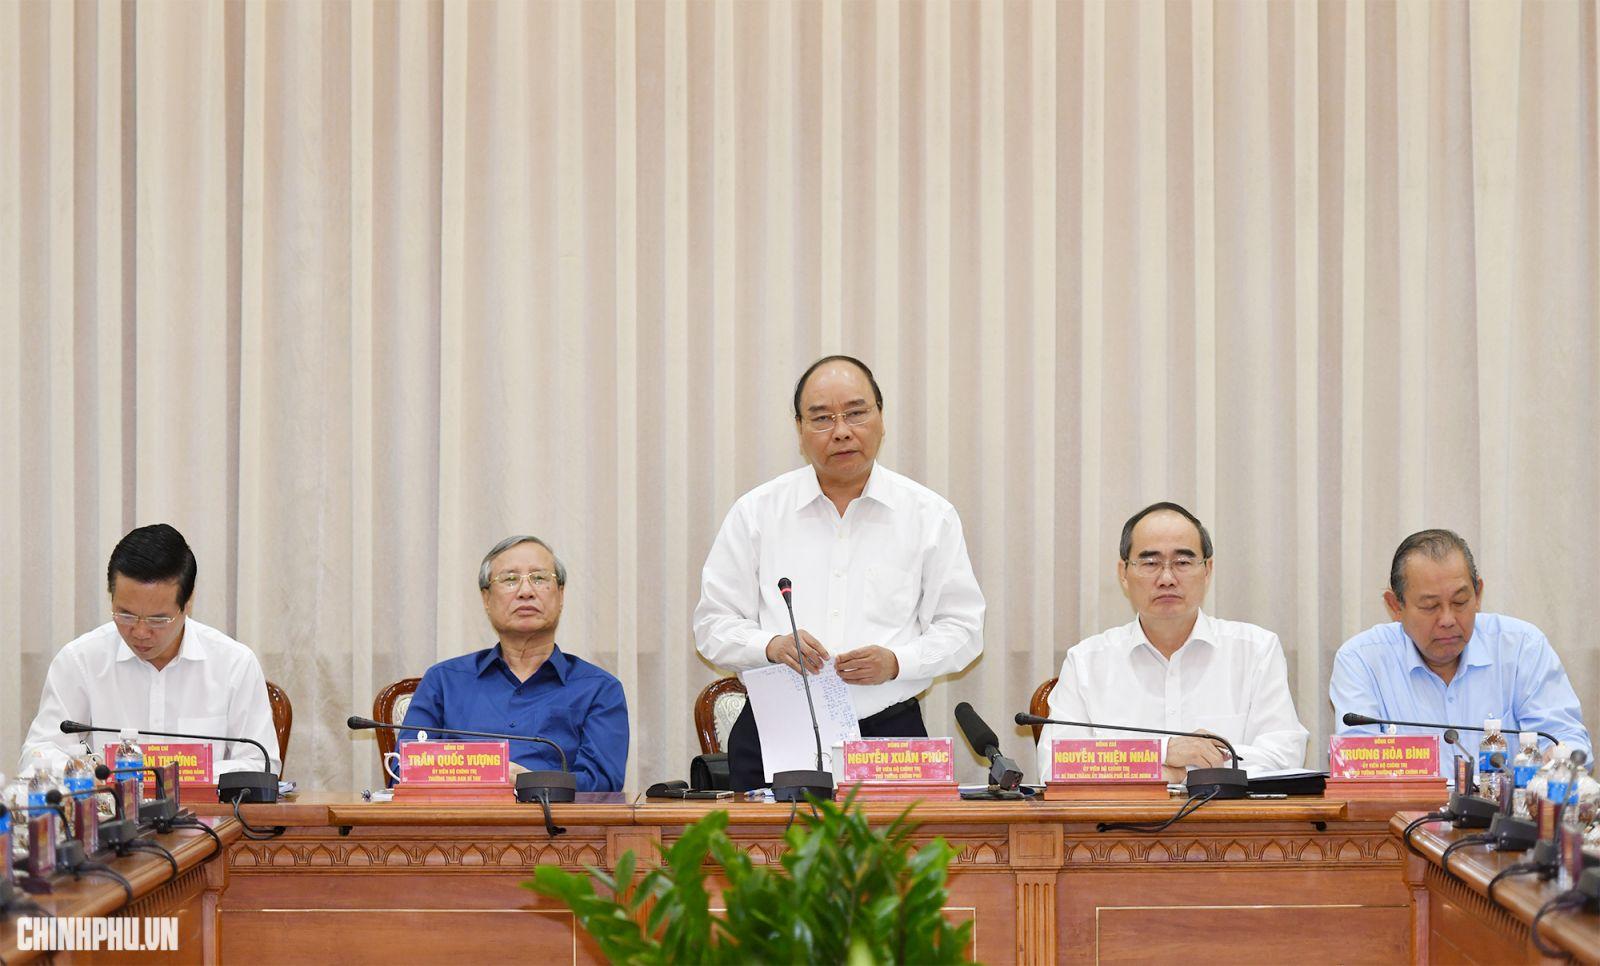 Thủ tướng Nguyễn Xuân Phúc phát biểu tại cuộc làm việc. Ảnh: VGP/Quang Hiếu